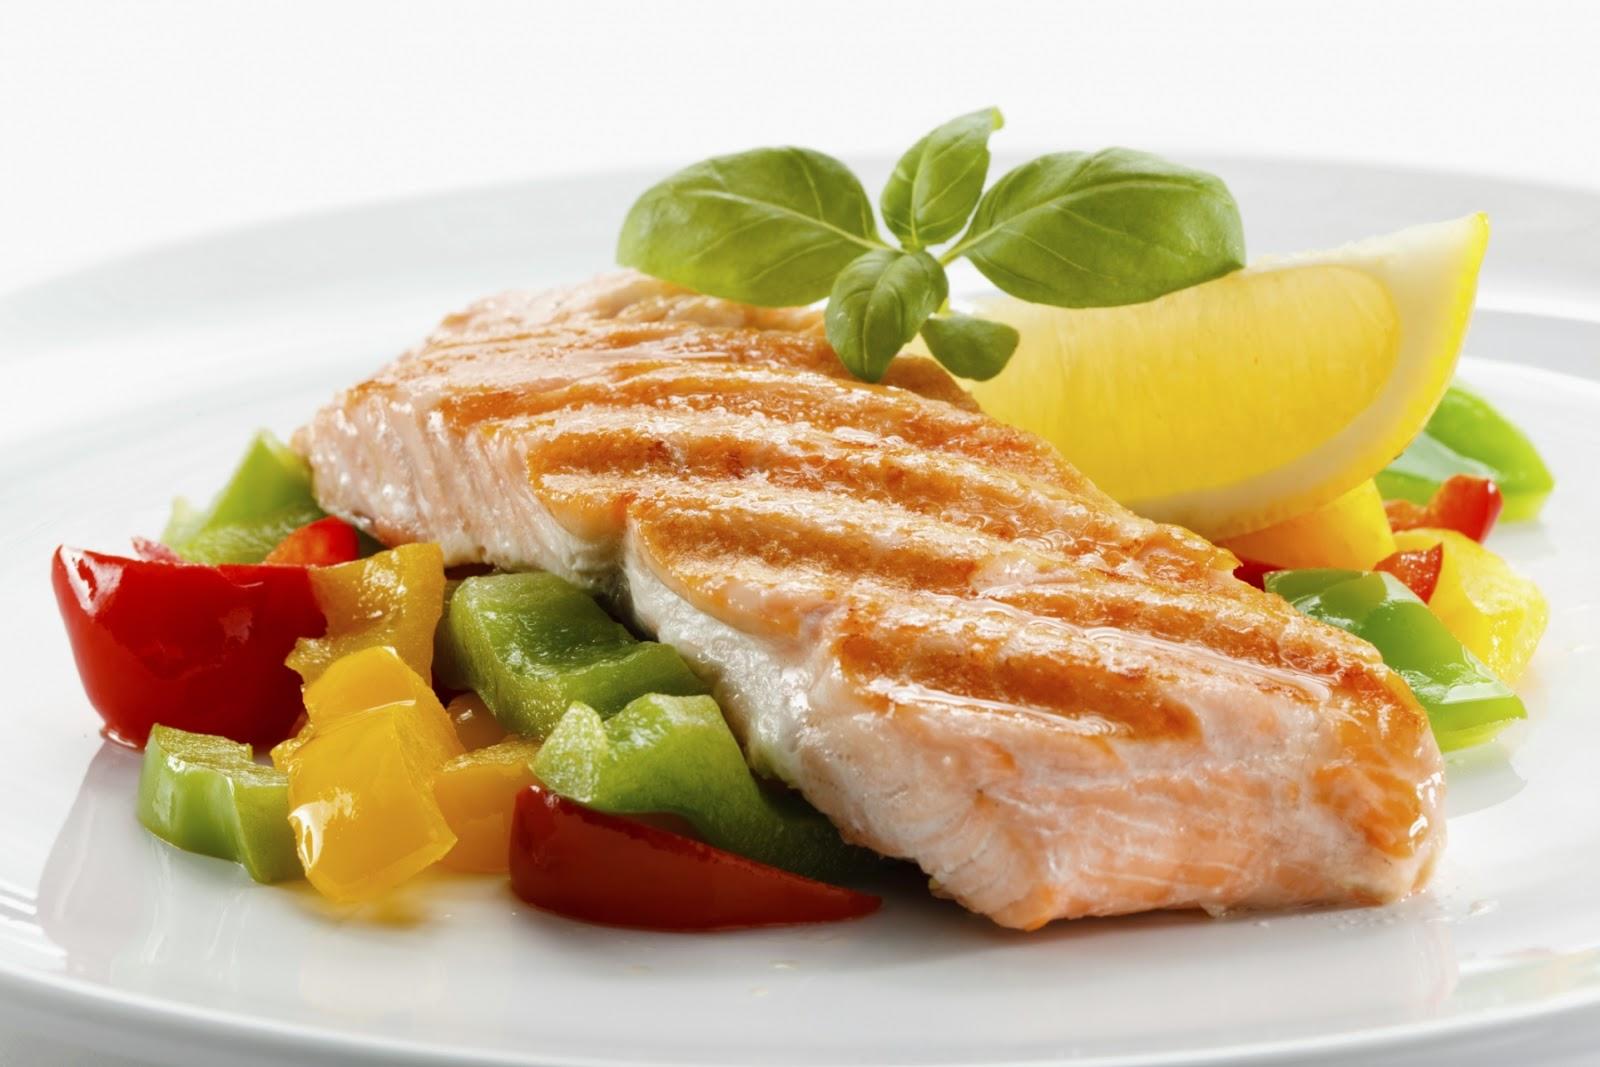 Las 10 Variedades de Comida Mas Populares